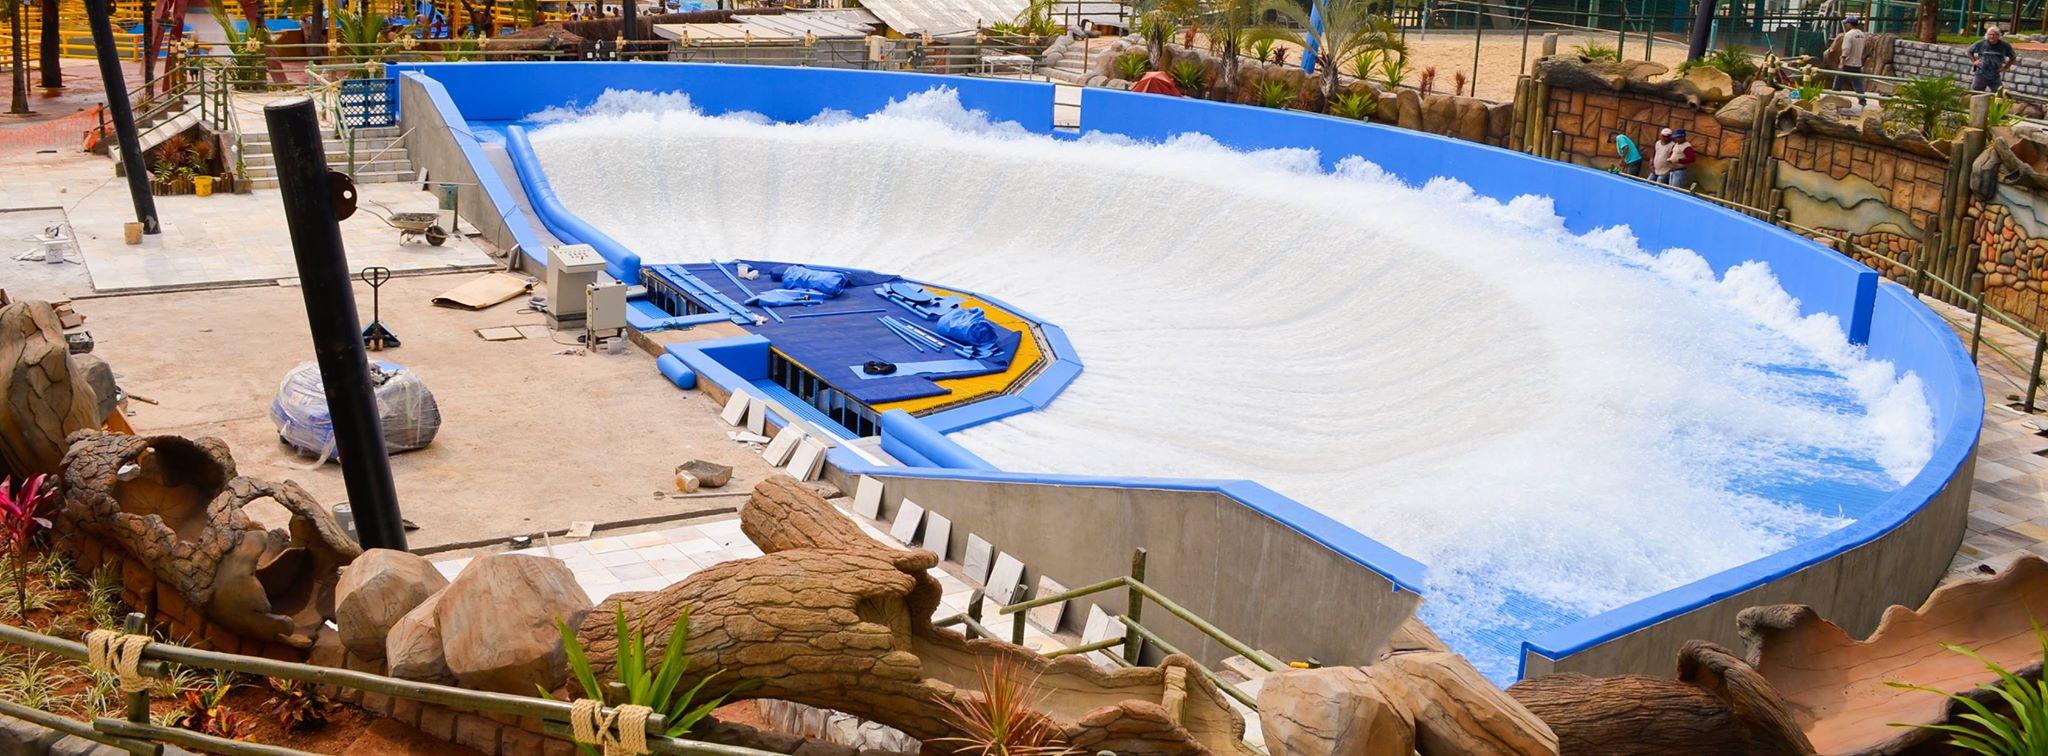 Thermas Inaugura Piscina Meia Lua De Surf No Dia 17